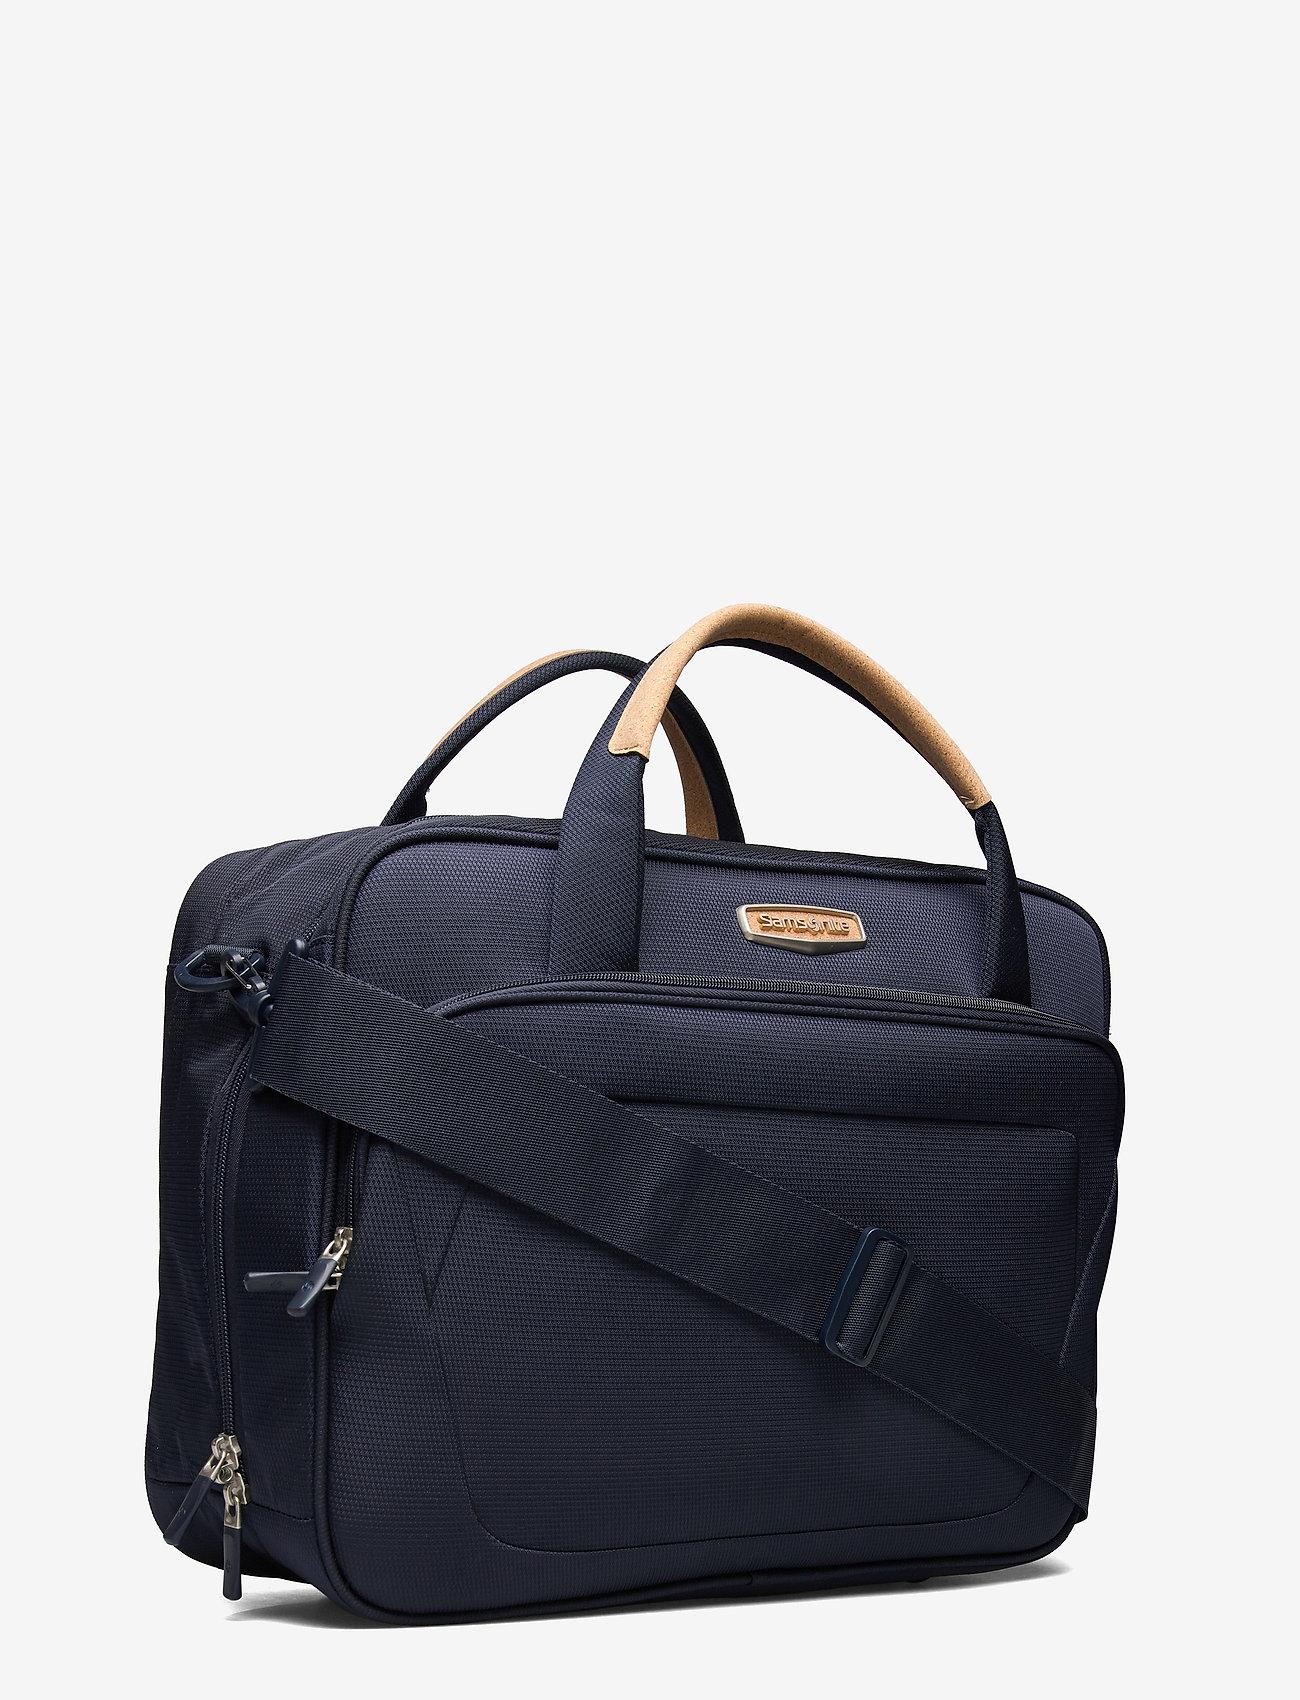 Samsonite - Spark SNG ECO Shoulder Bag - blue - 2